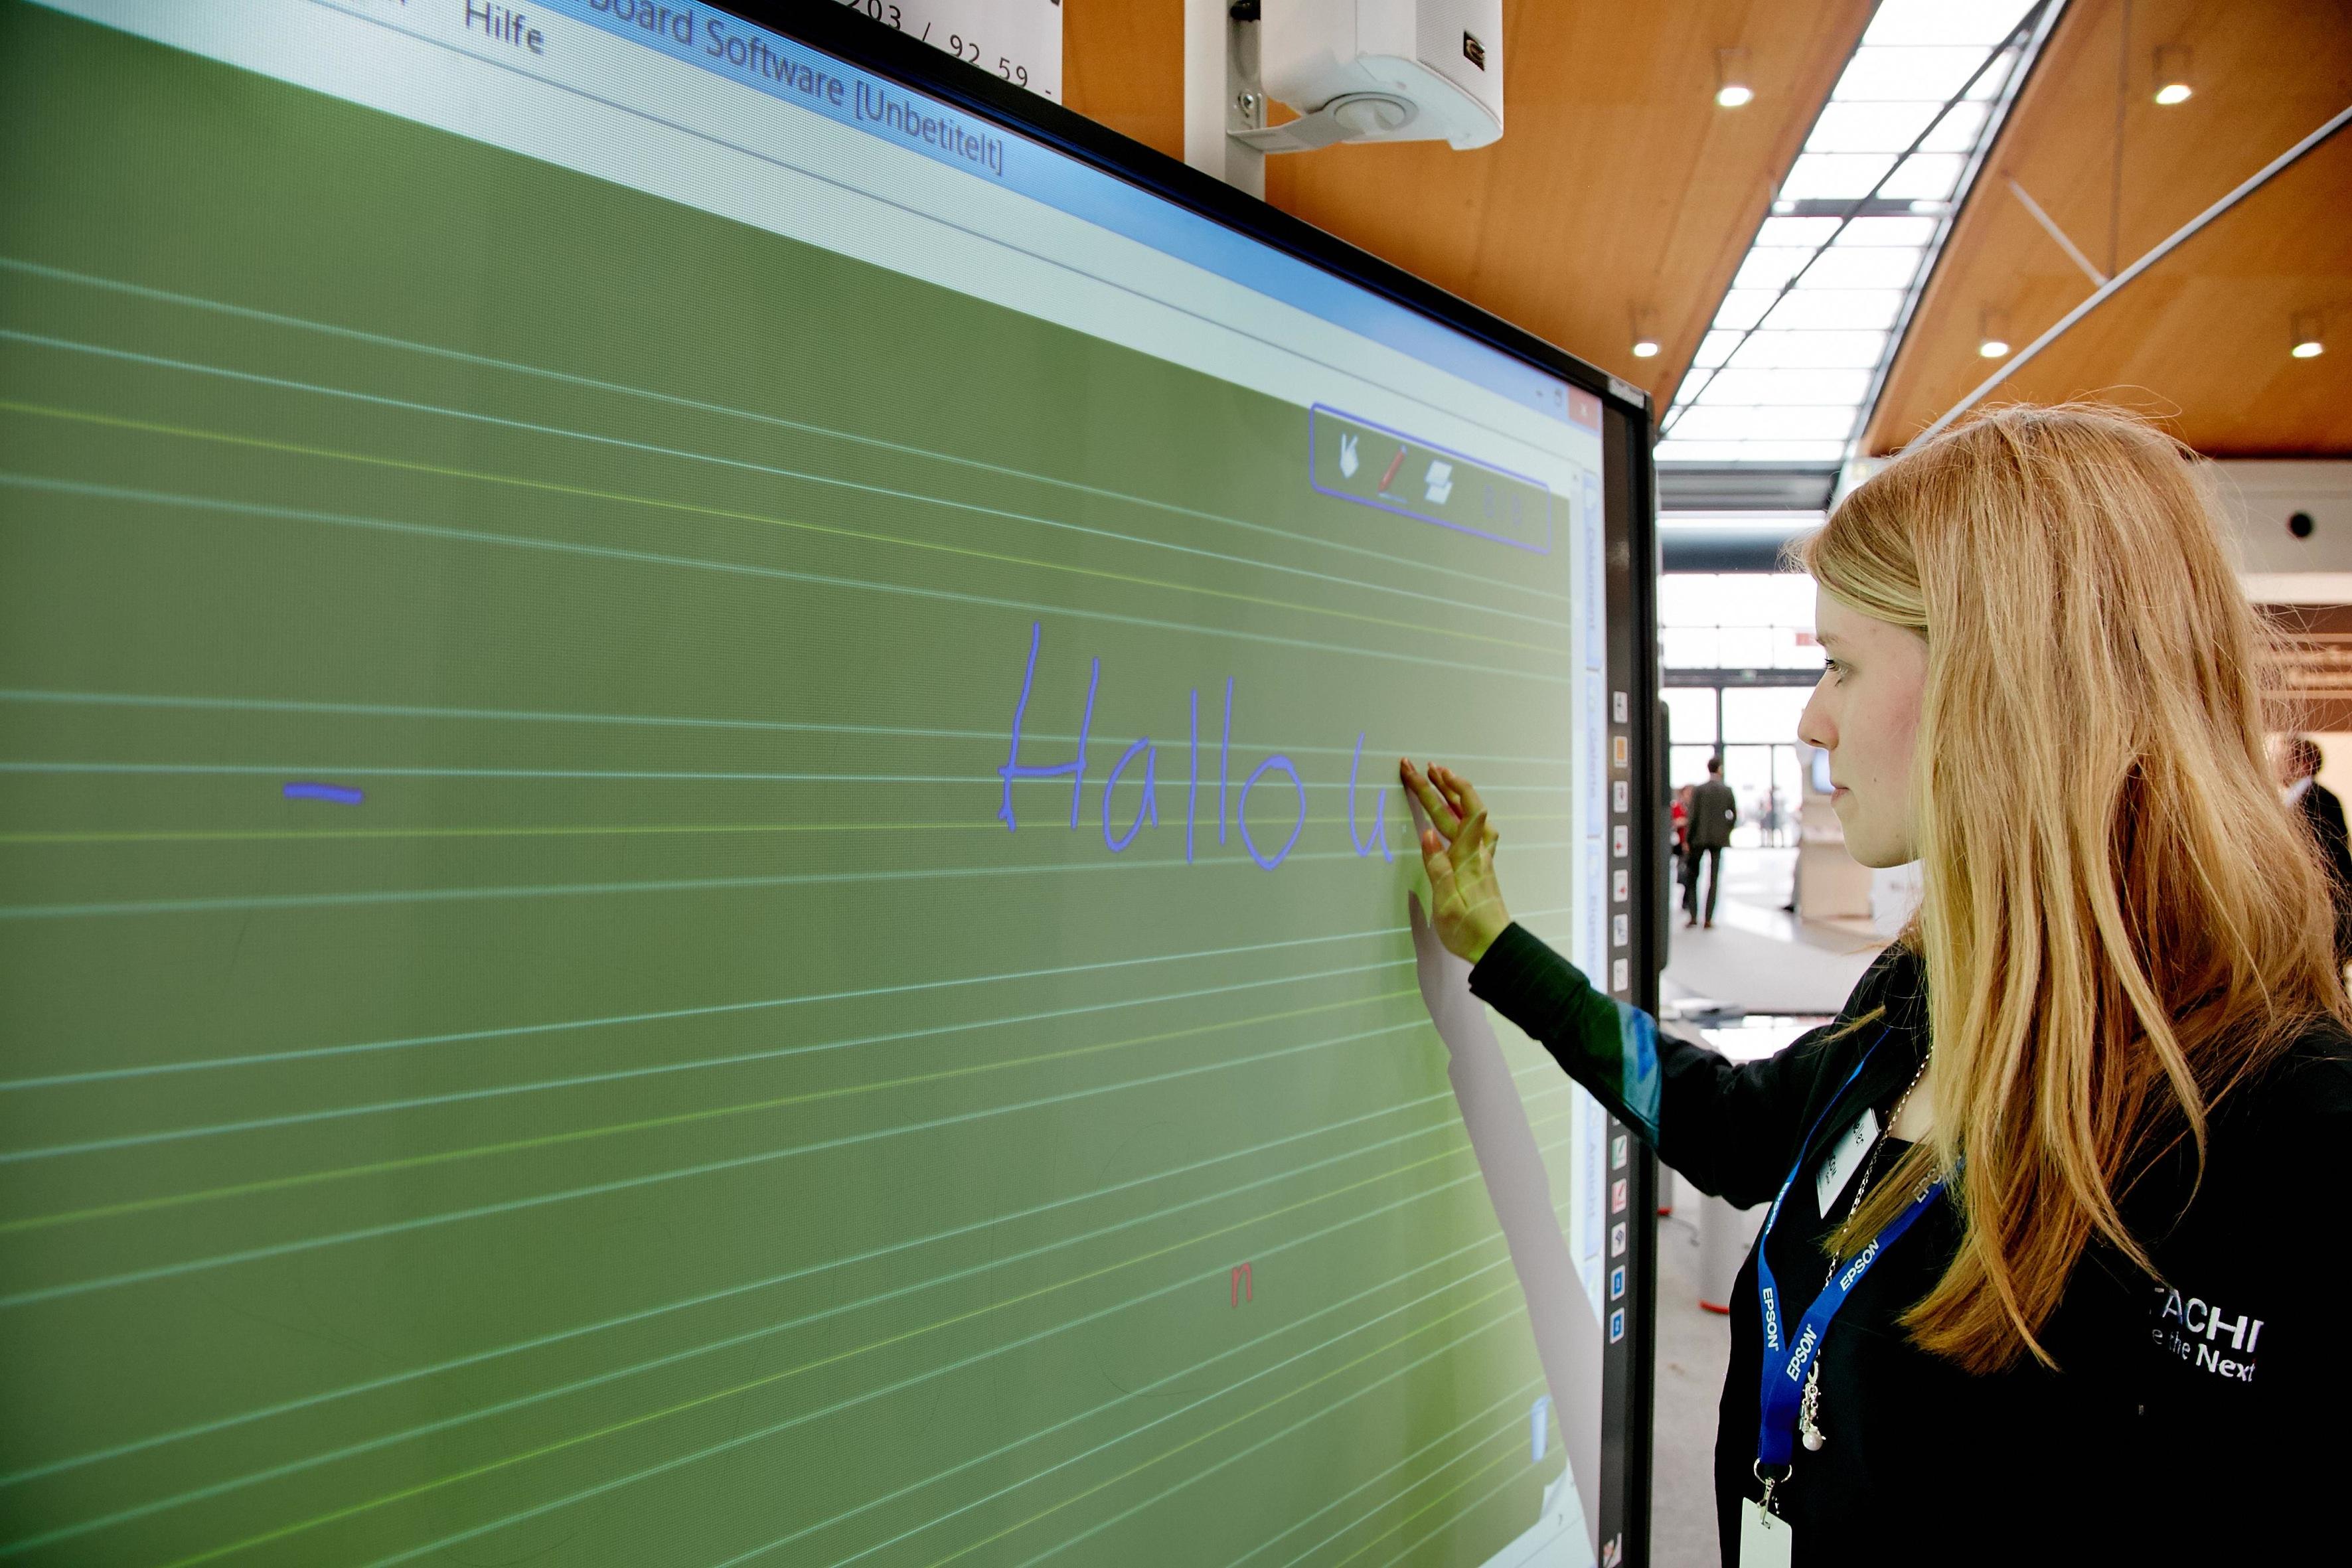 Jetzt wird das Lernen revolutioniert, verkündet die Branche regelmäßig. Foto: Behrendt & Rausch Fotografie/Learntec